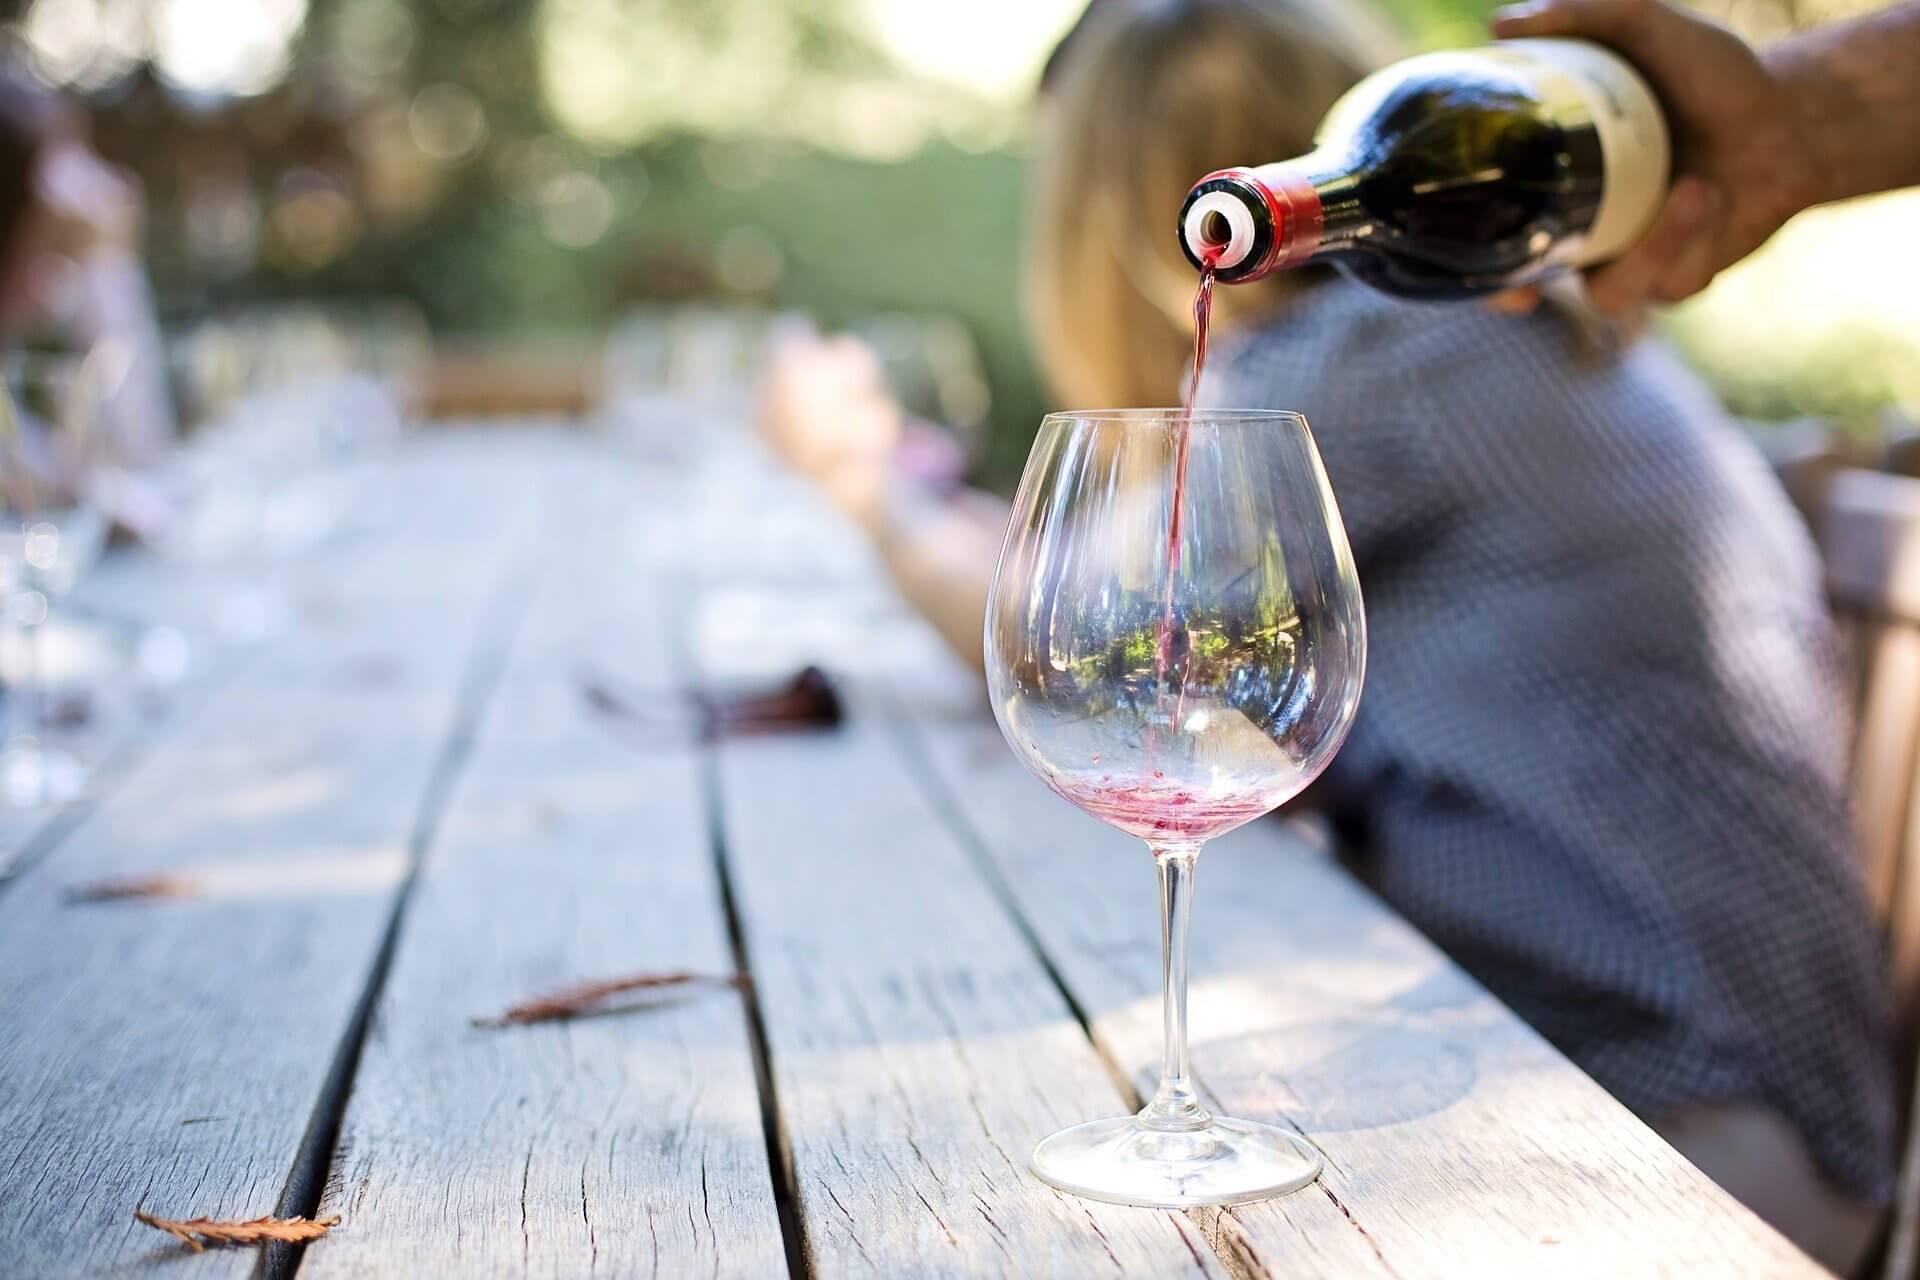 フランスから日本 帰国準備 引越し フランス日通 日本トランスユーロ ワイン 帰国免税 食料 制限 免税